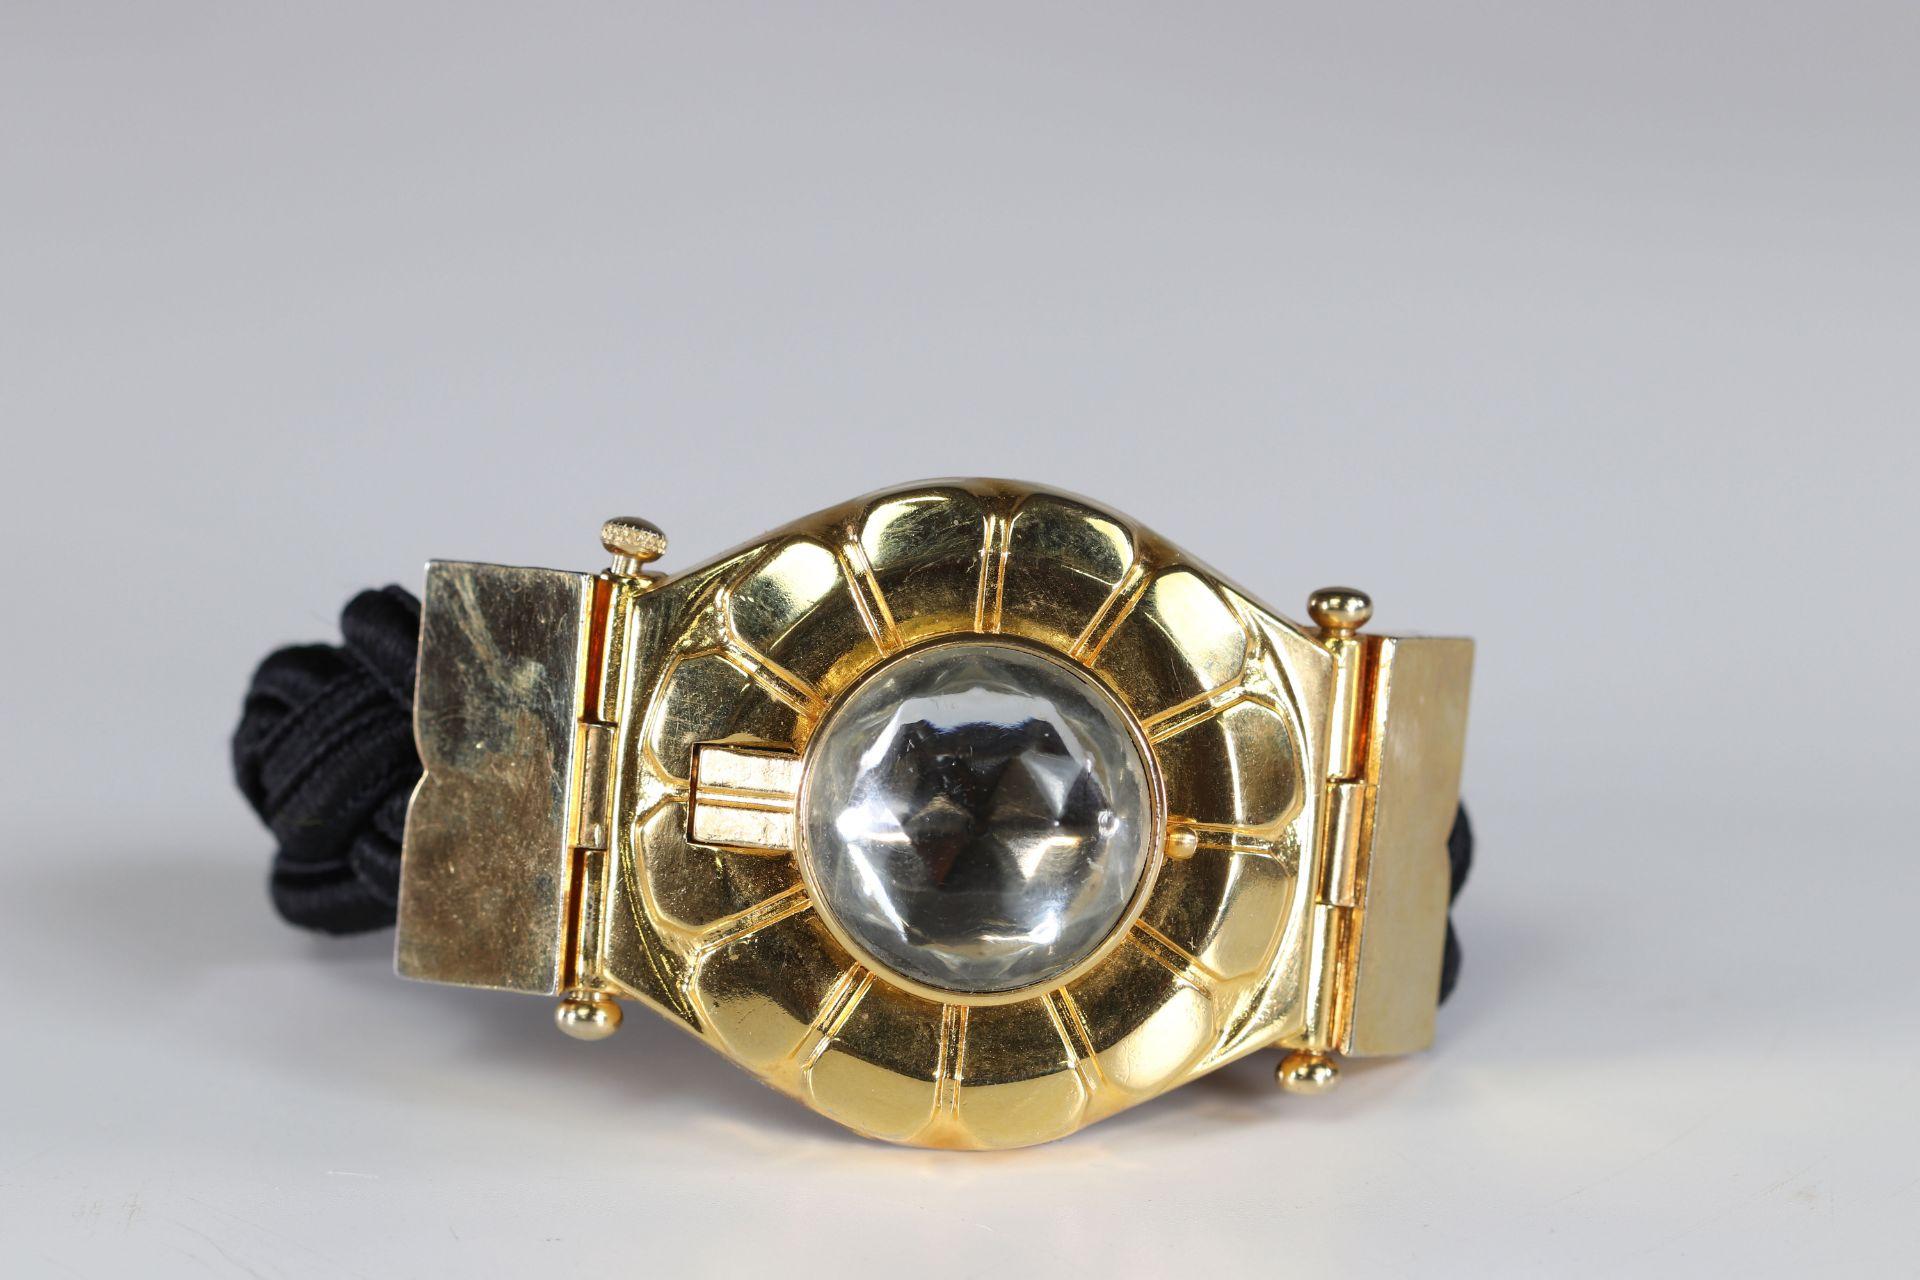 Yves Sant Laurent Paris bracelet box - Image 3 of 3